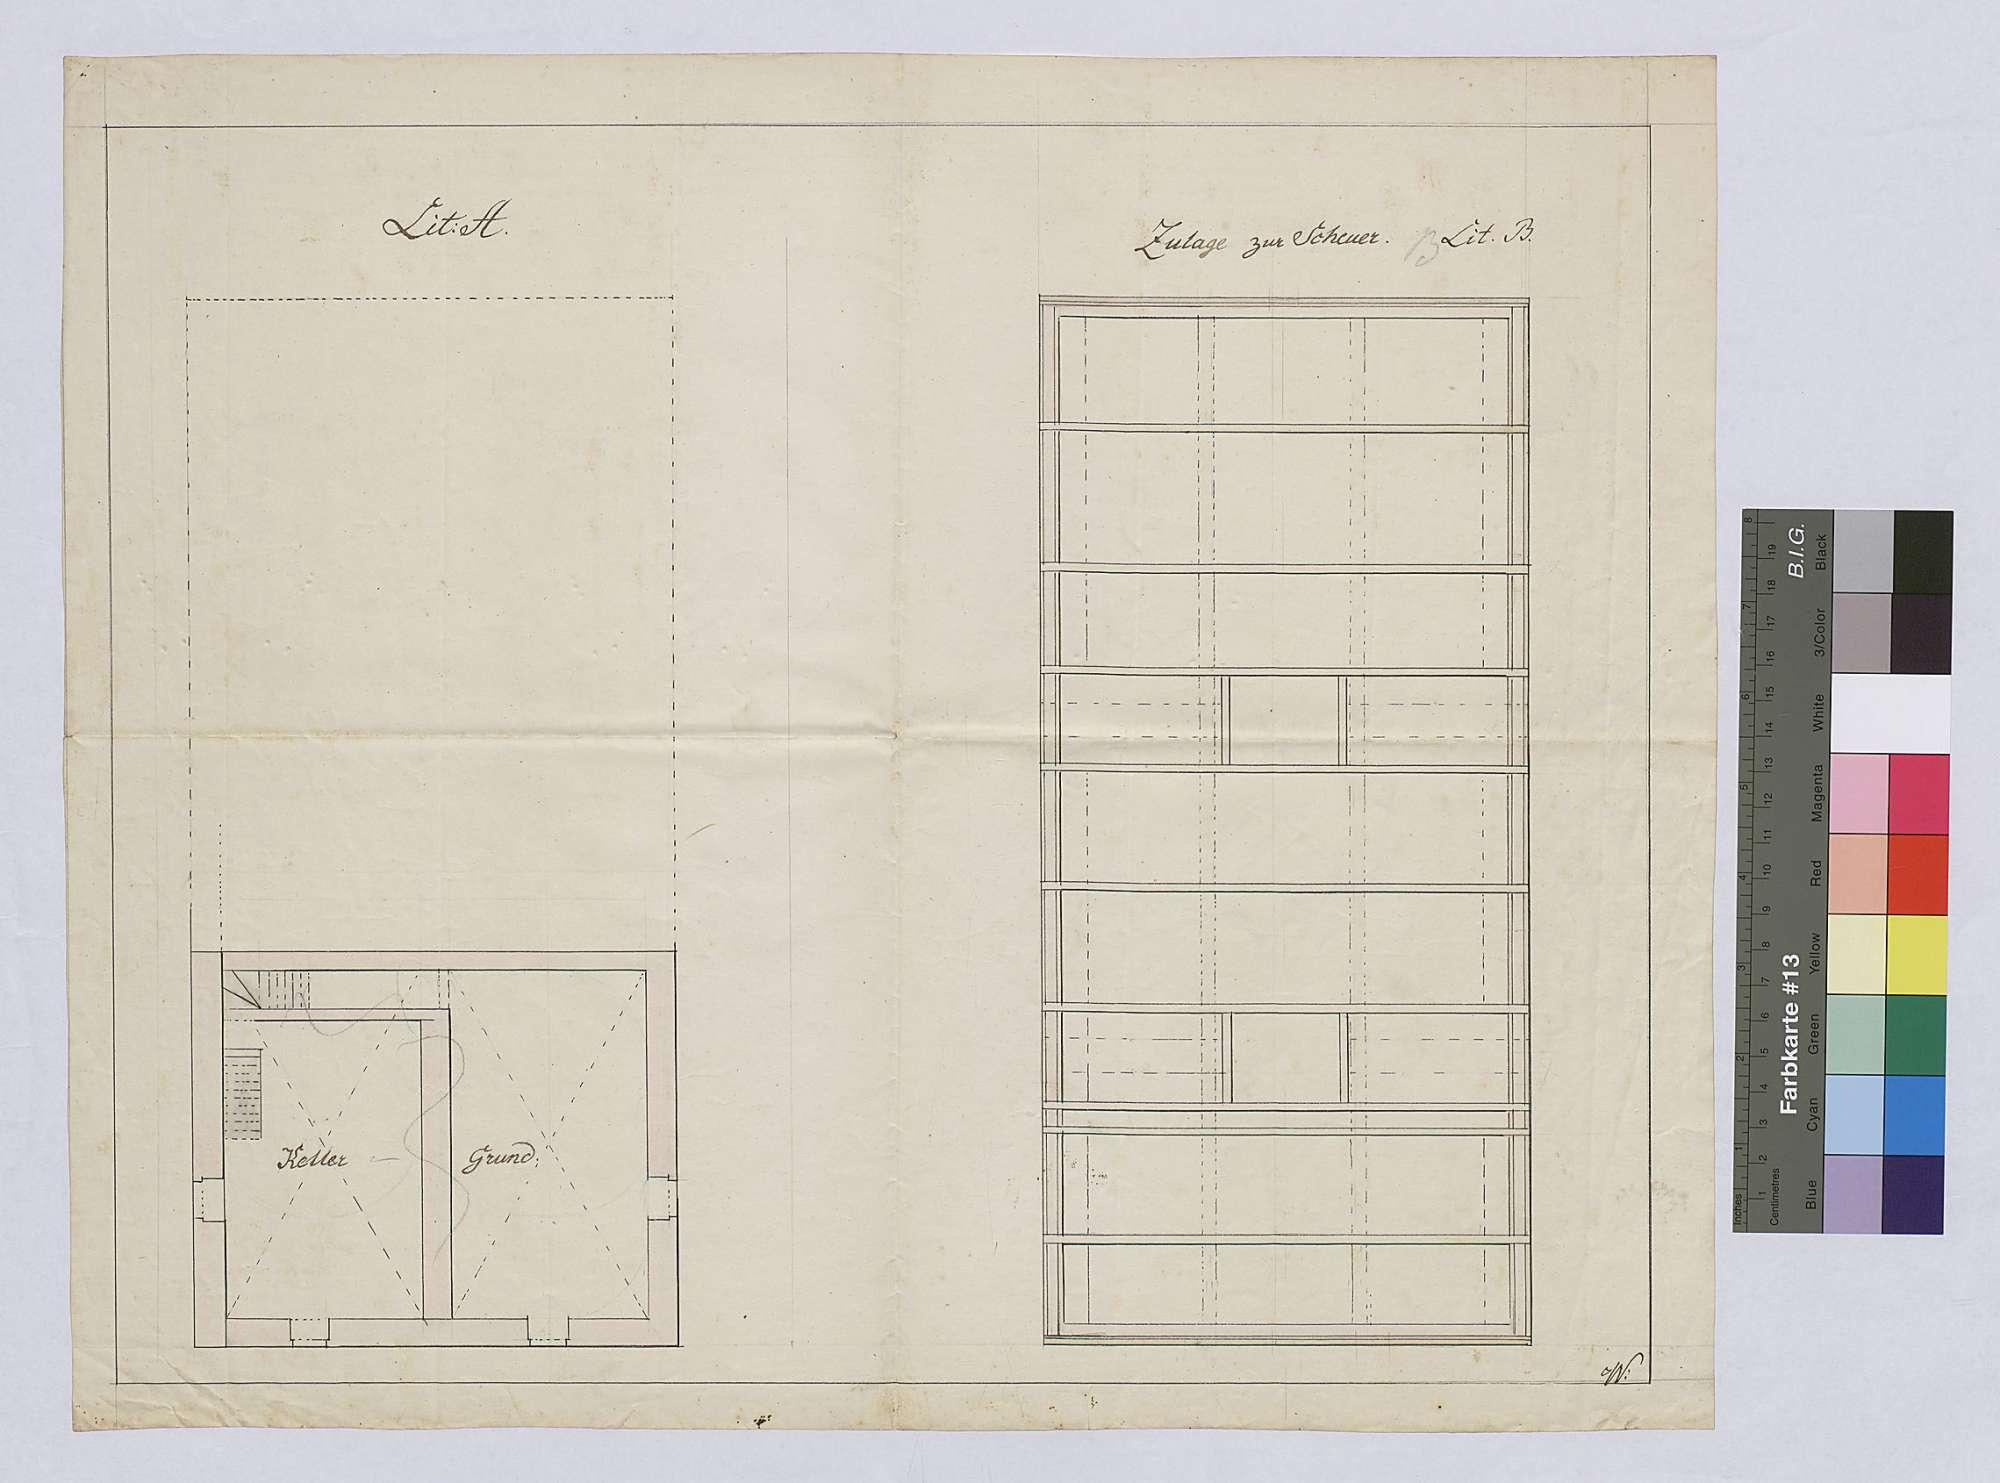 Errichtung von Ökonomiegebäuden auf dem Reinhardshof in Wertheim: Entwurf eines Landhauses mit Scheune und Stall, Bild 1